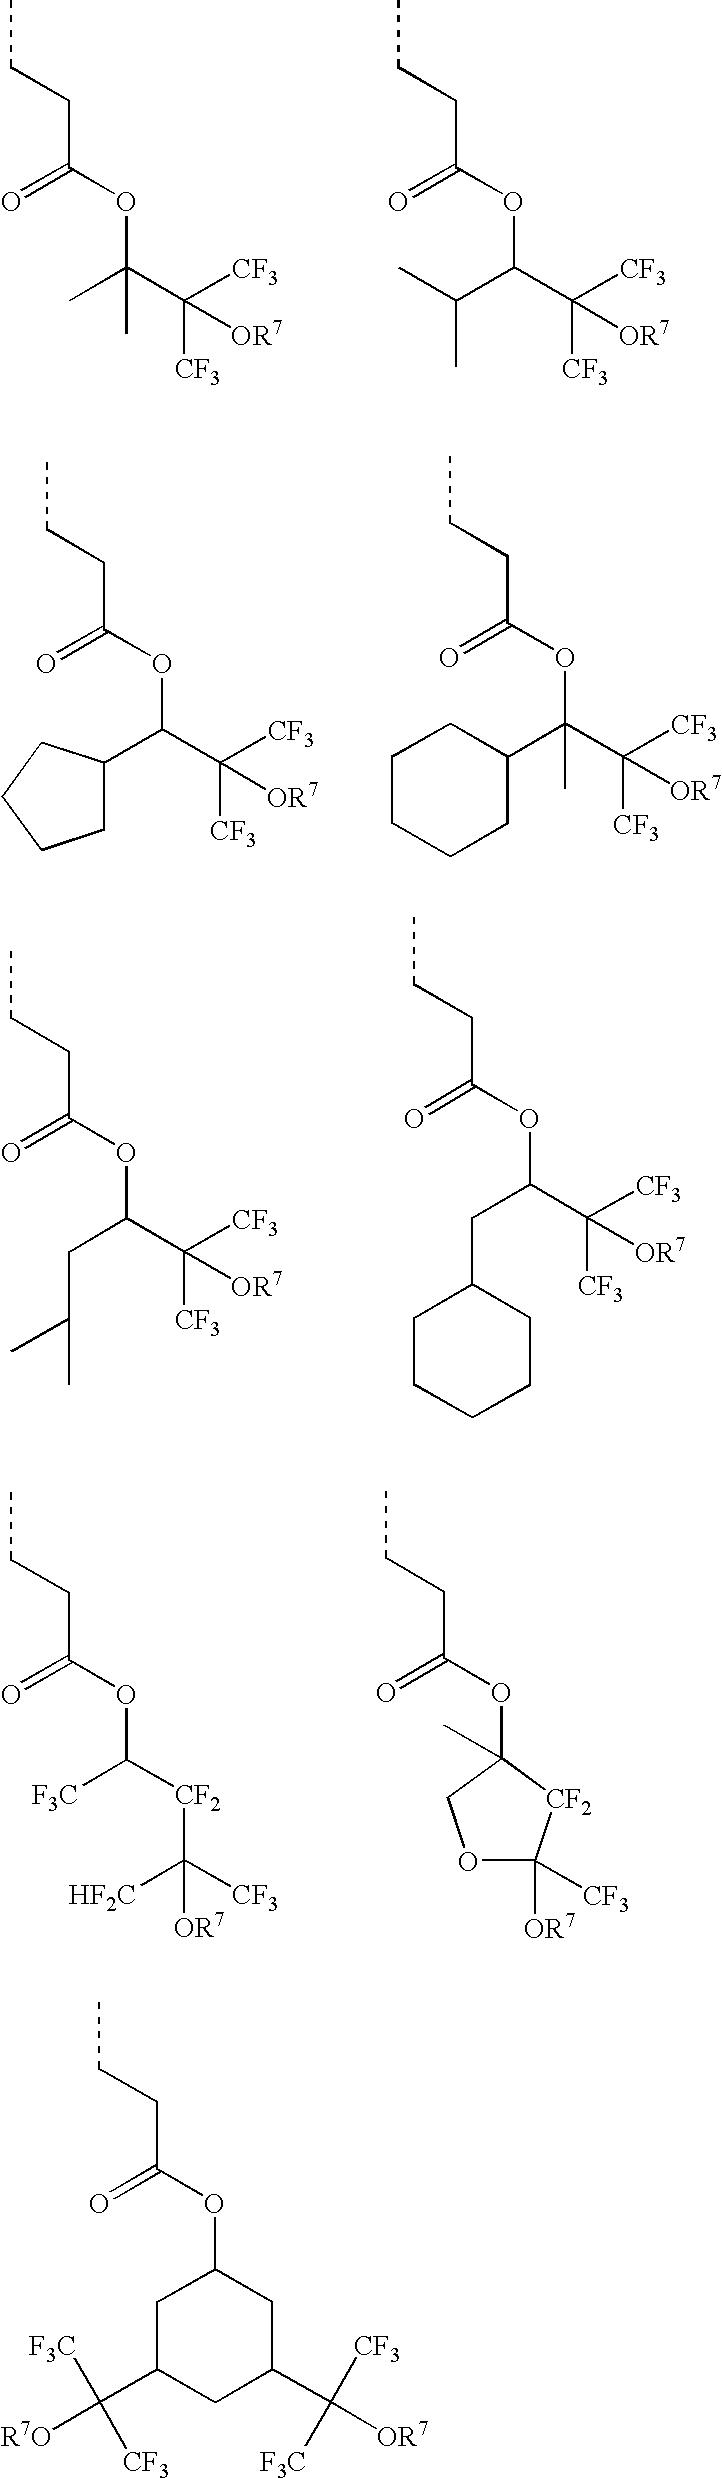 Figure US07537880-20090526-C00020